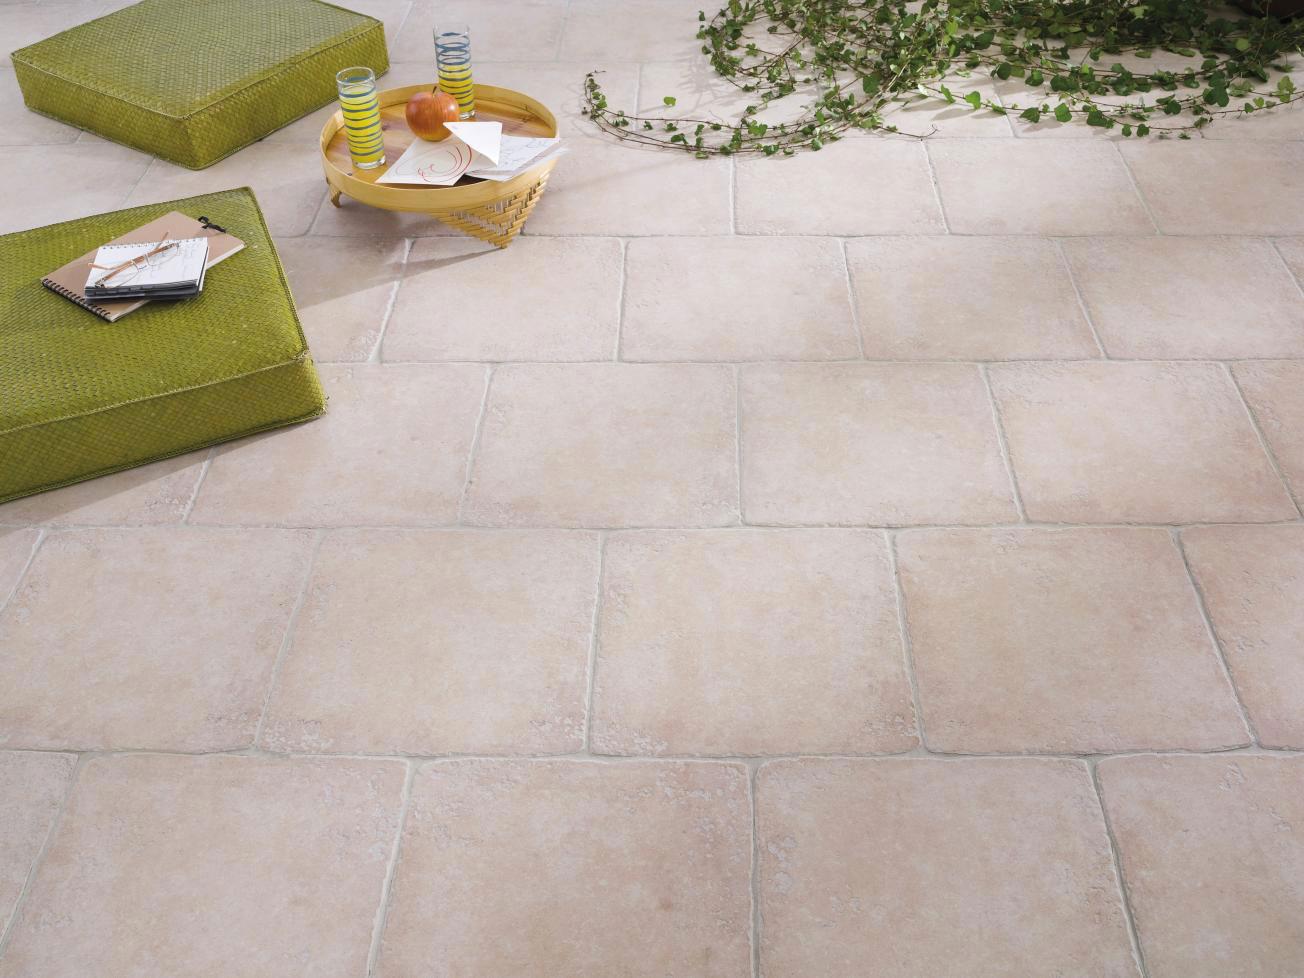 Nettoyer Joint De Carrelage conseils et astuces pour entretenir une terrasse en carrelage